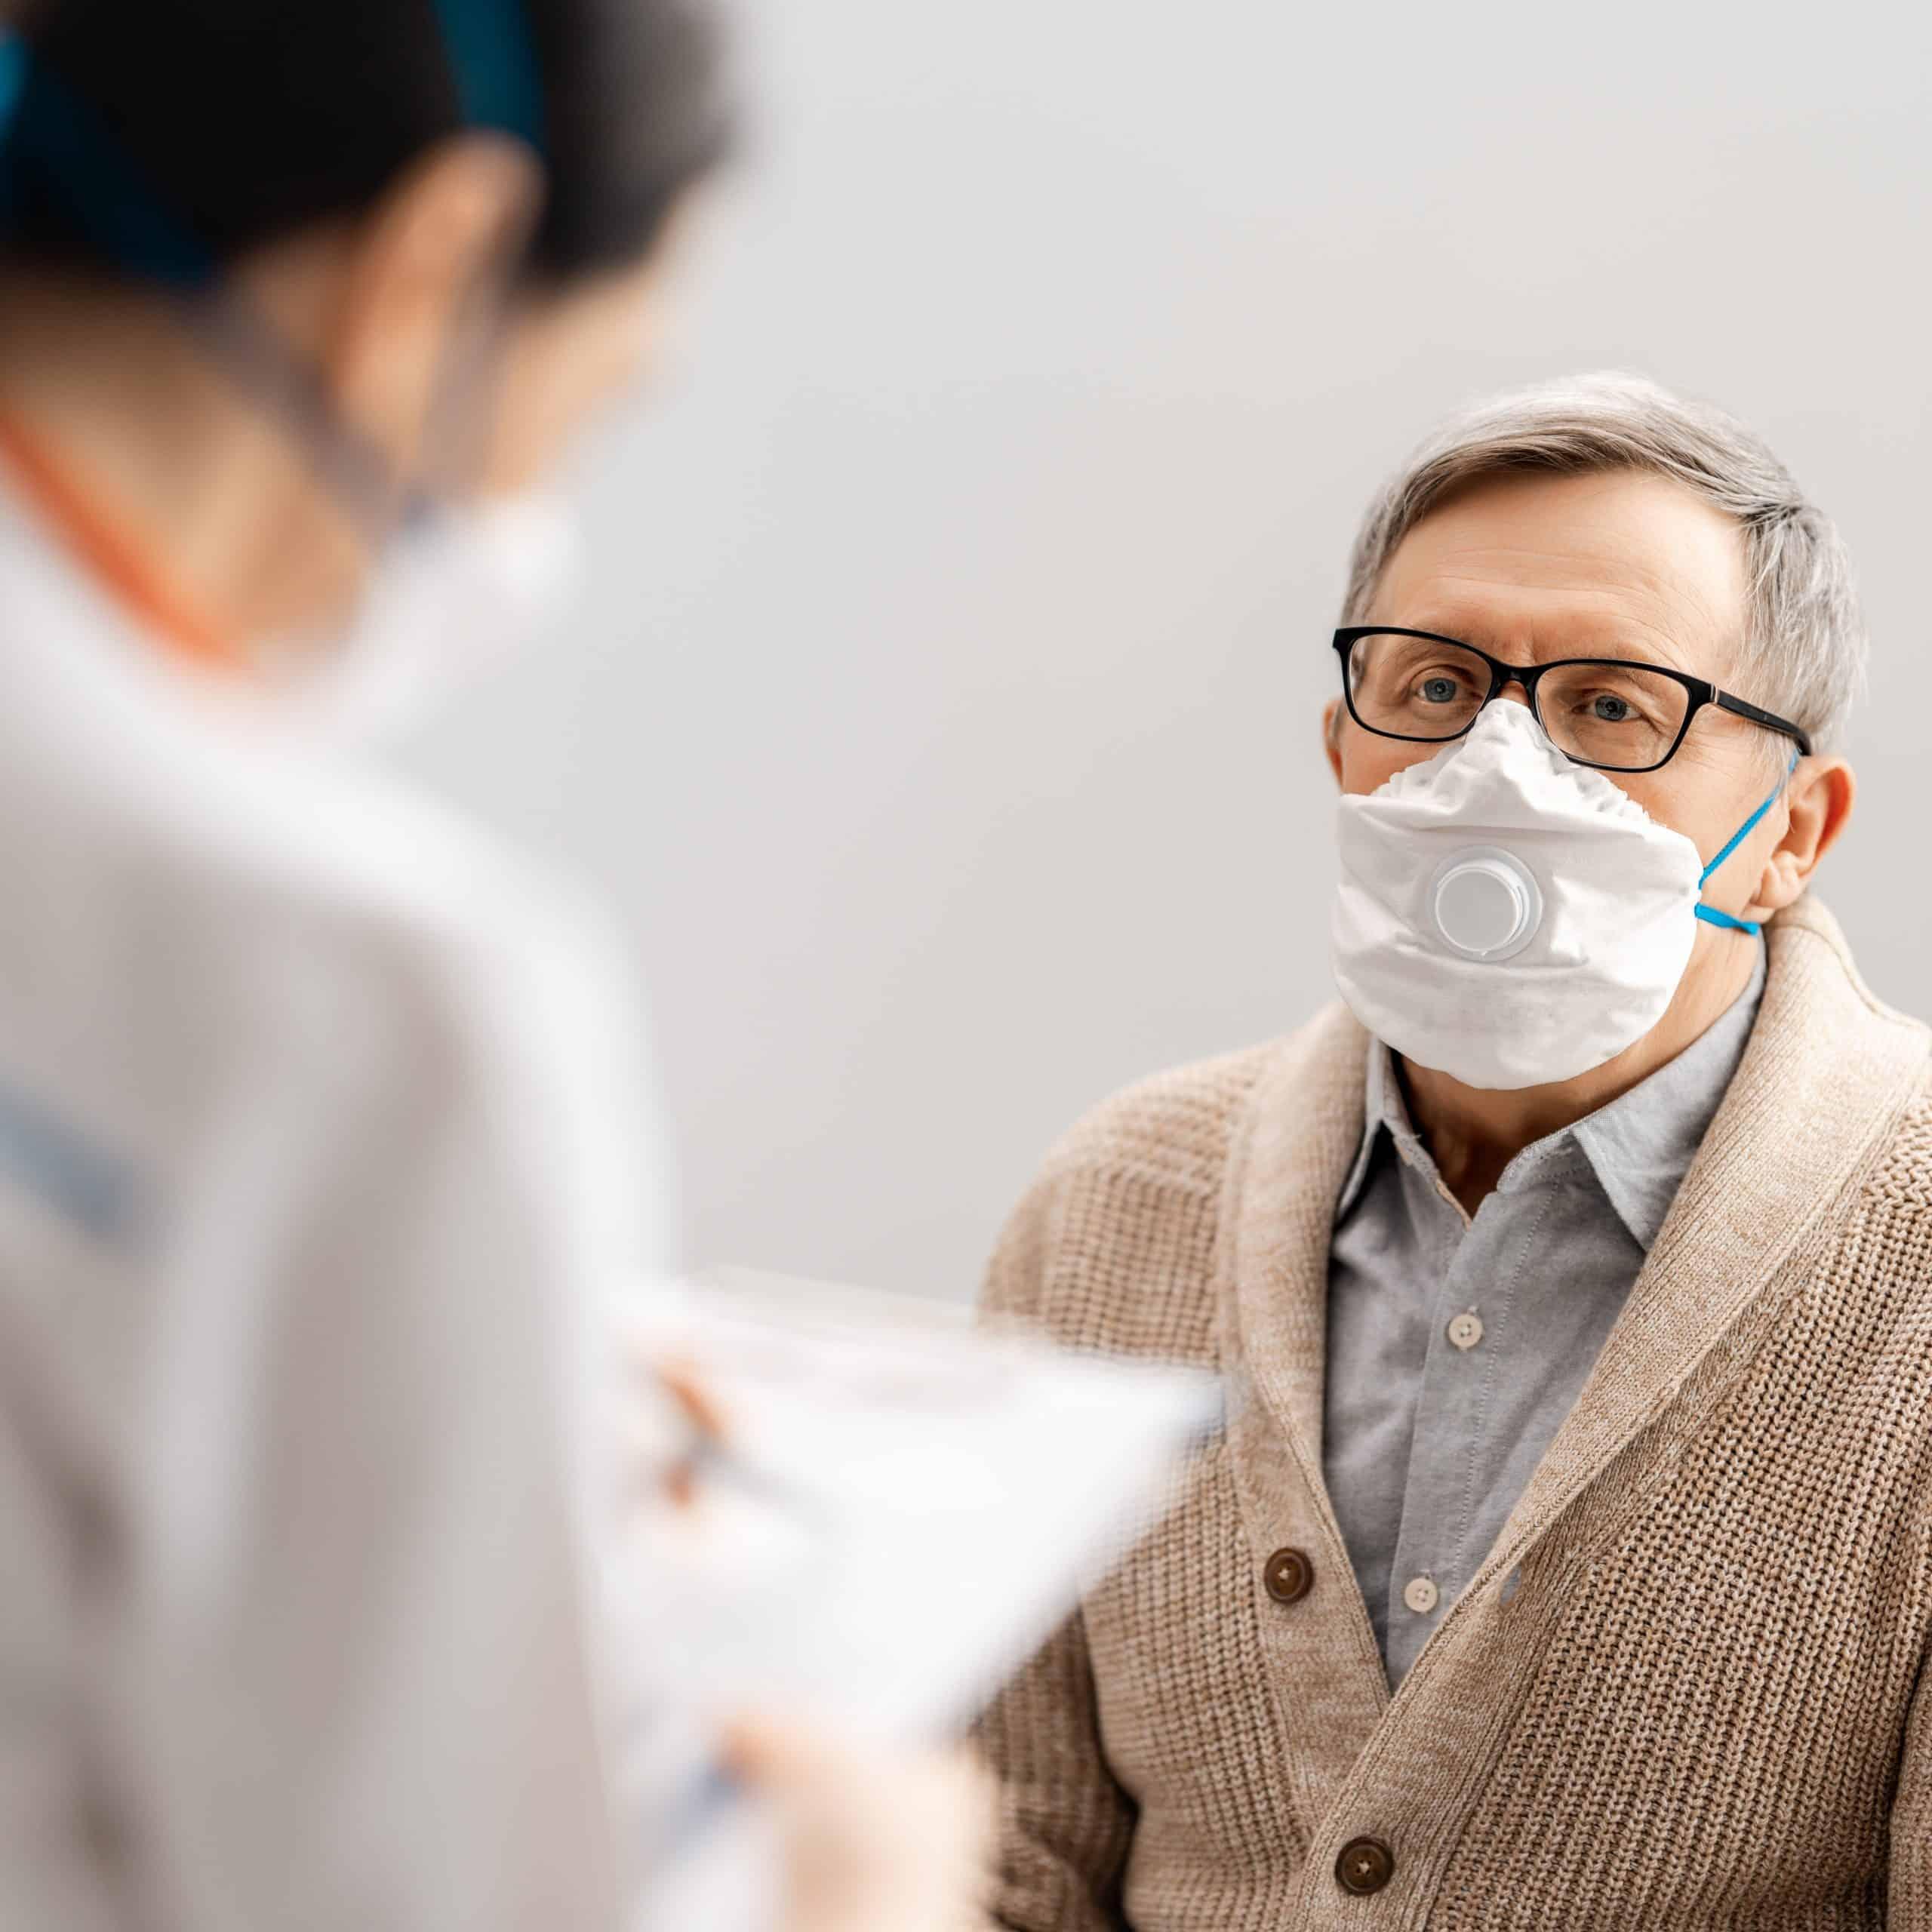 Patienten, die eine COVID-19-Erkrankung überstanden haben, müssen auch danach versorgt werden